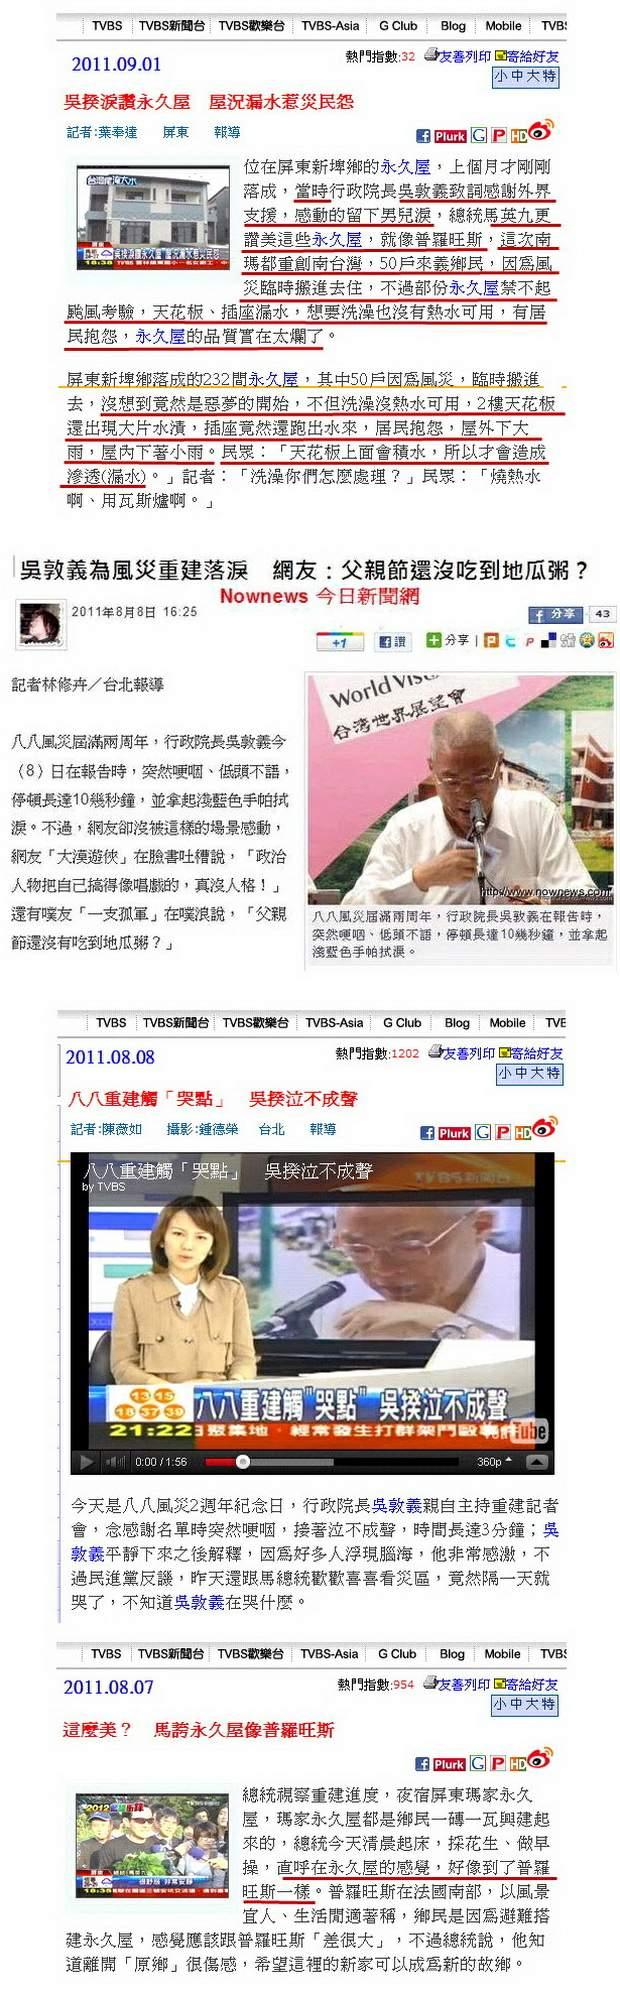 吳揆淚讚永久屋屋況漏水惹災民怨-2011.09.01-05.jpg